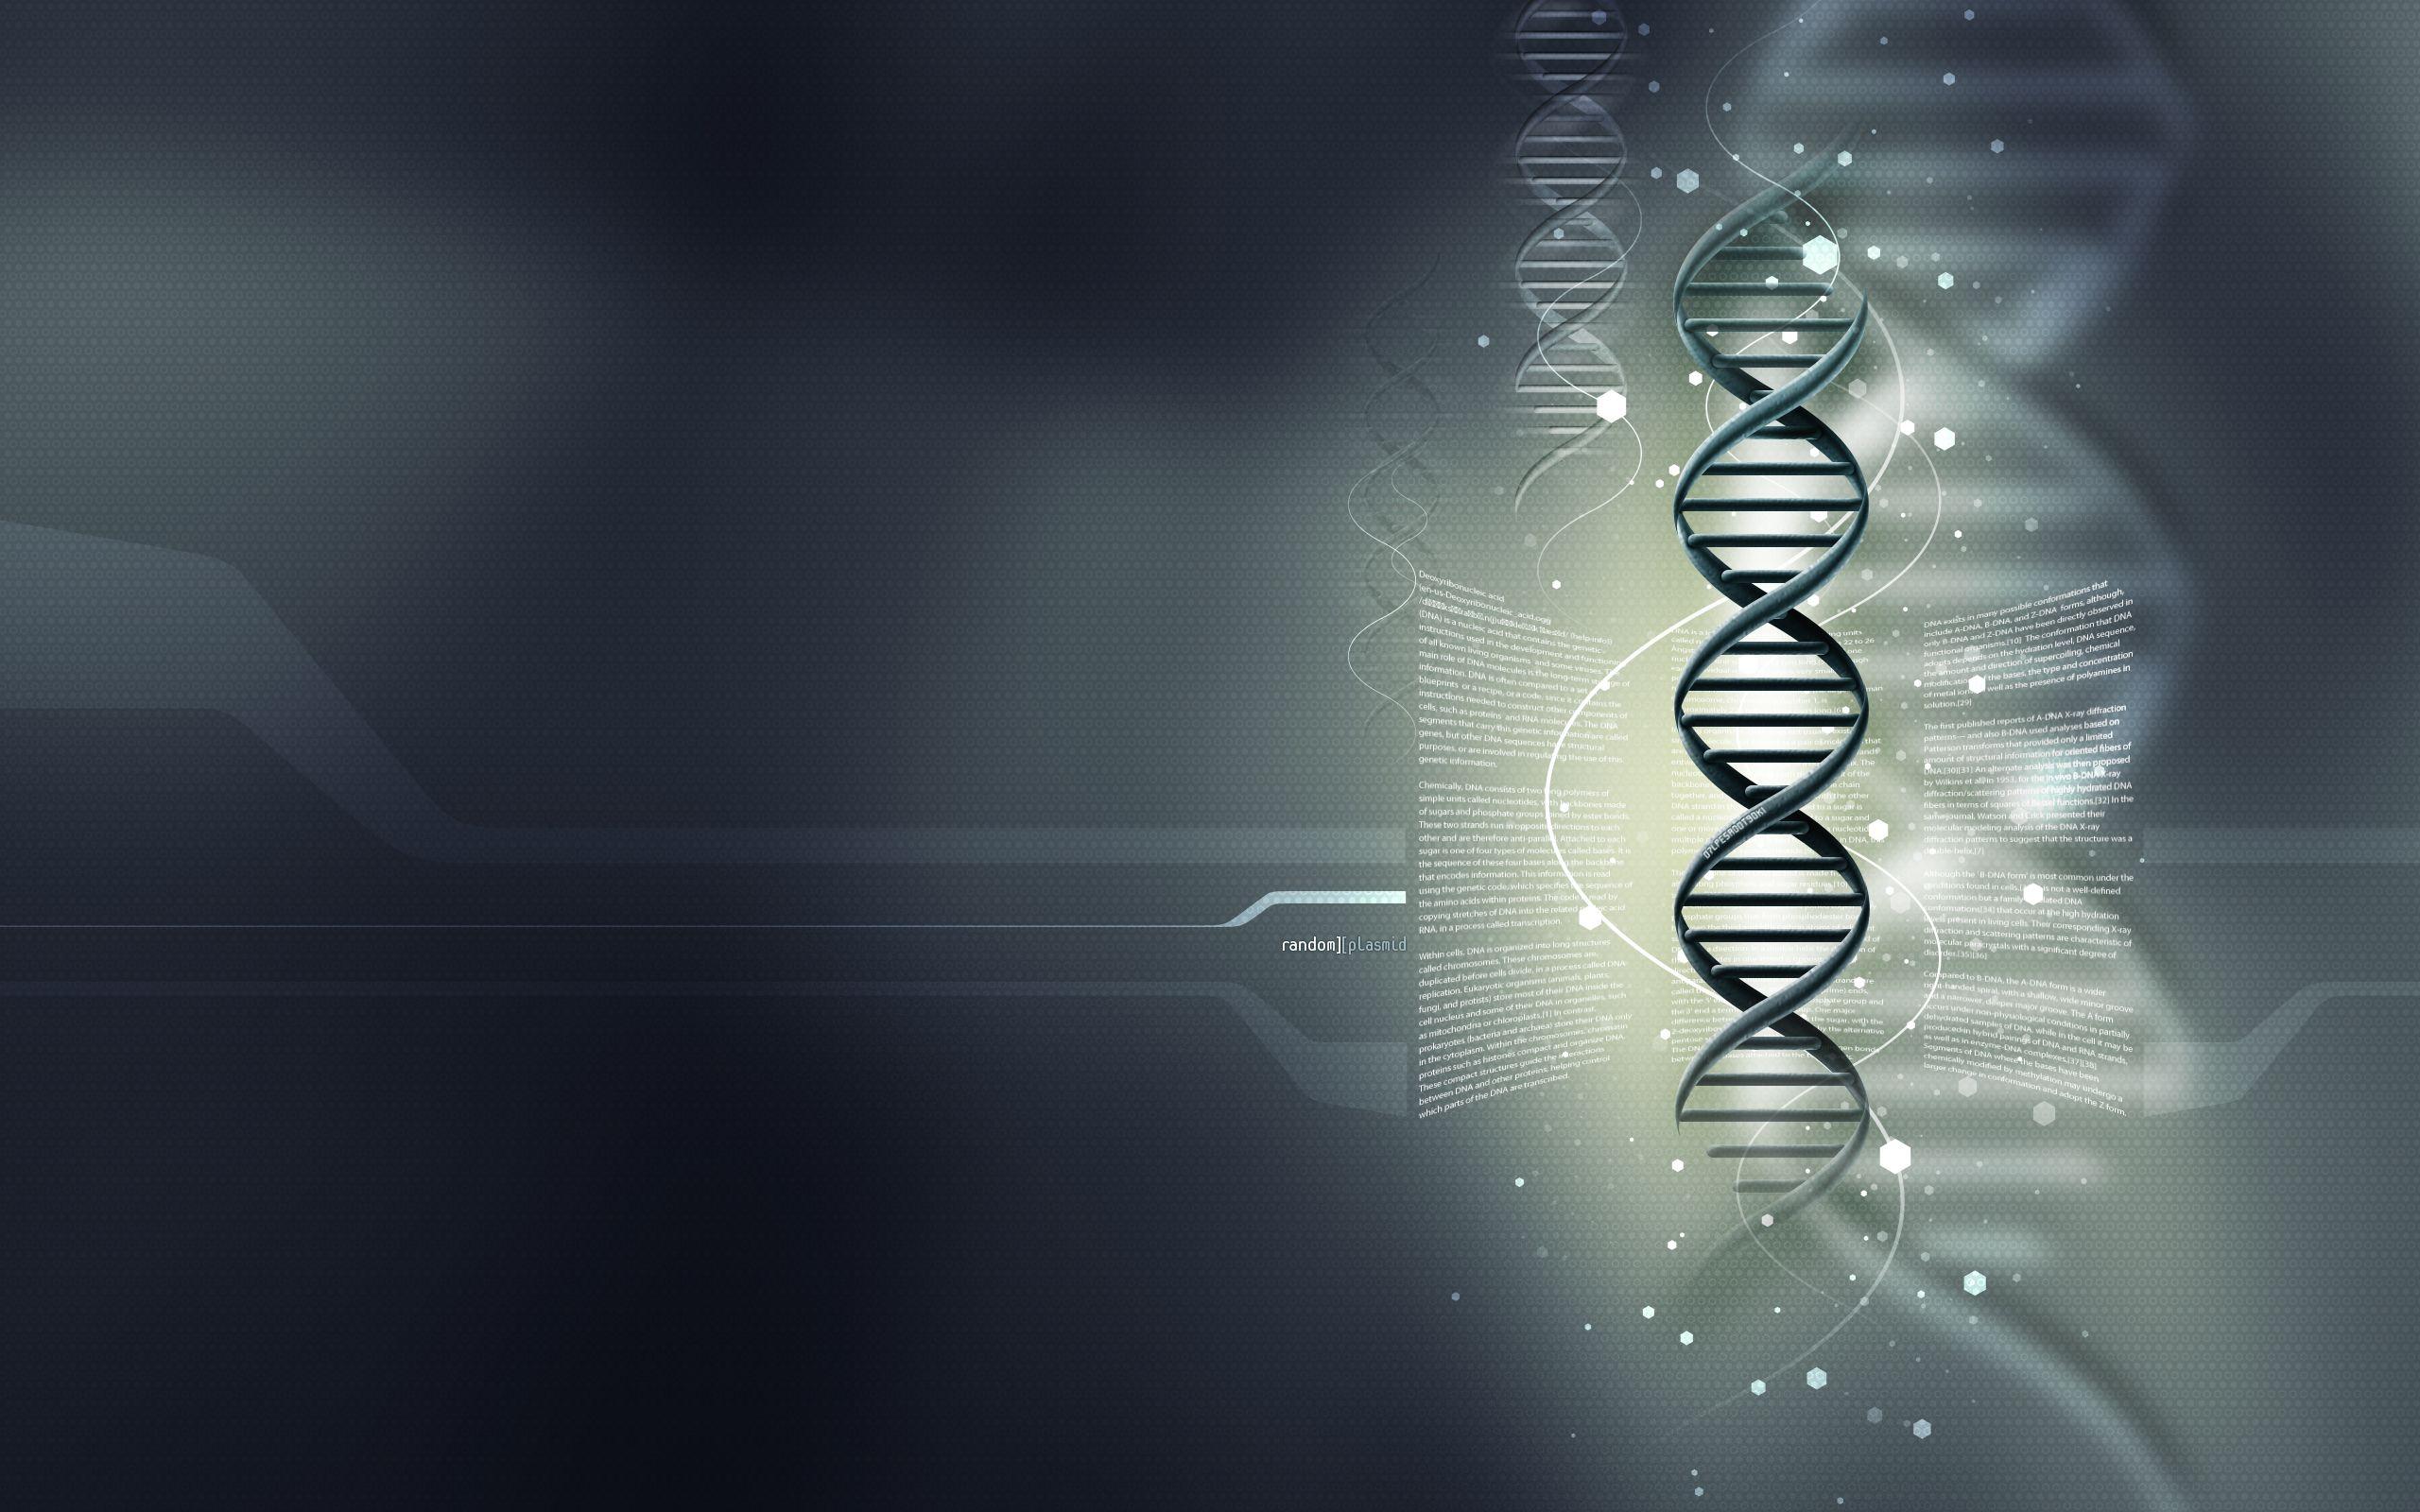 03f7698140b8b Descarga ADN Wallpaper Abstracto